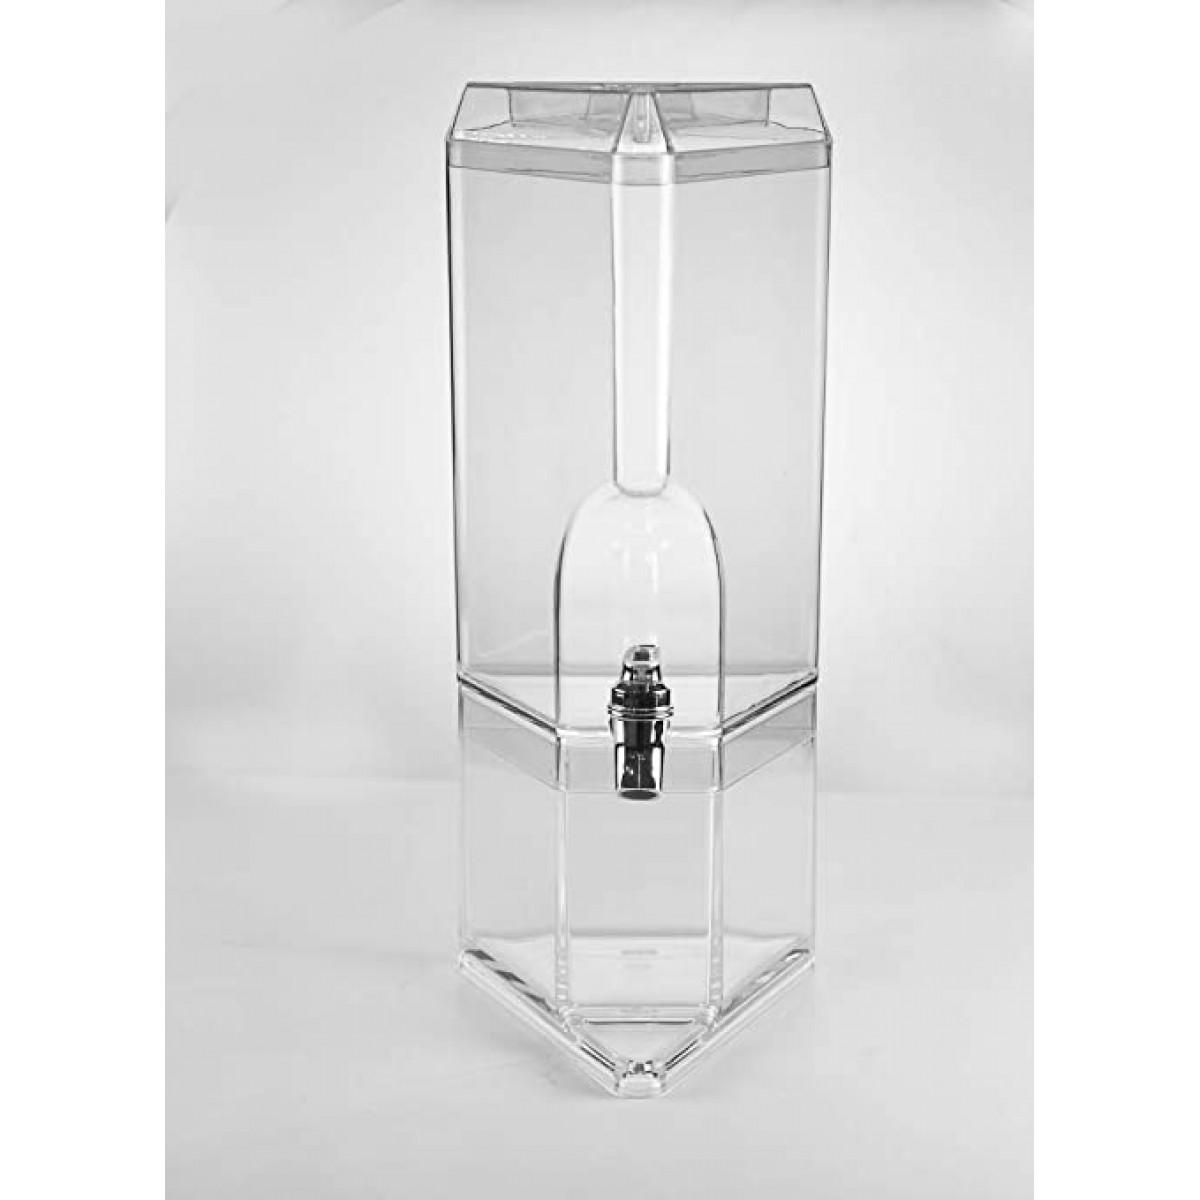 جاك عصير اكريلك شفاف رقم METJ5-1-0